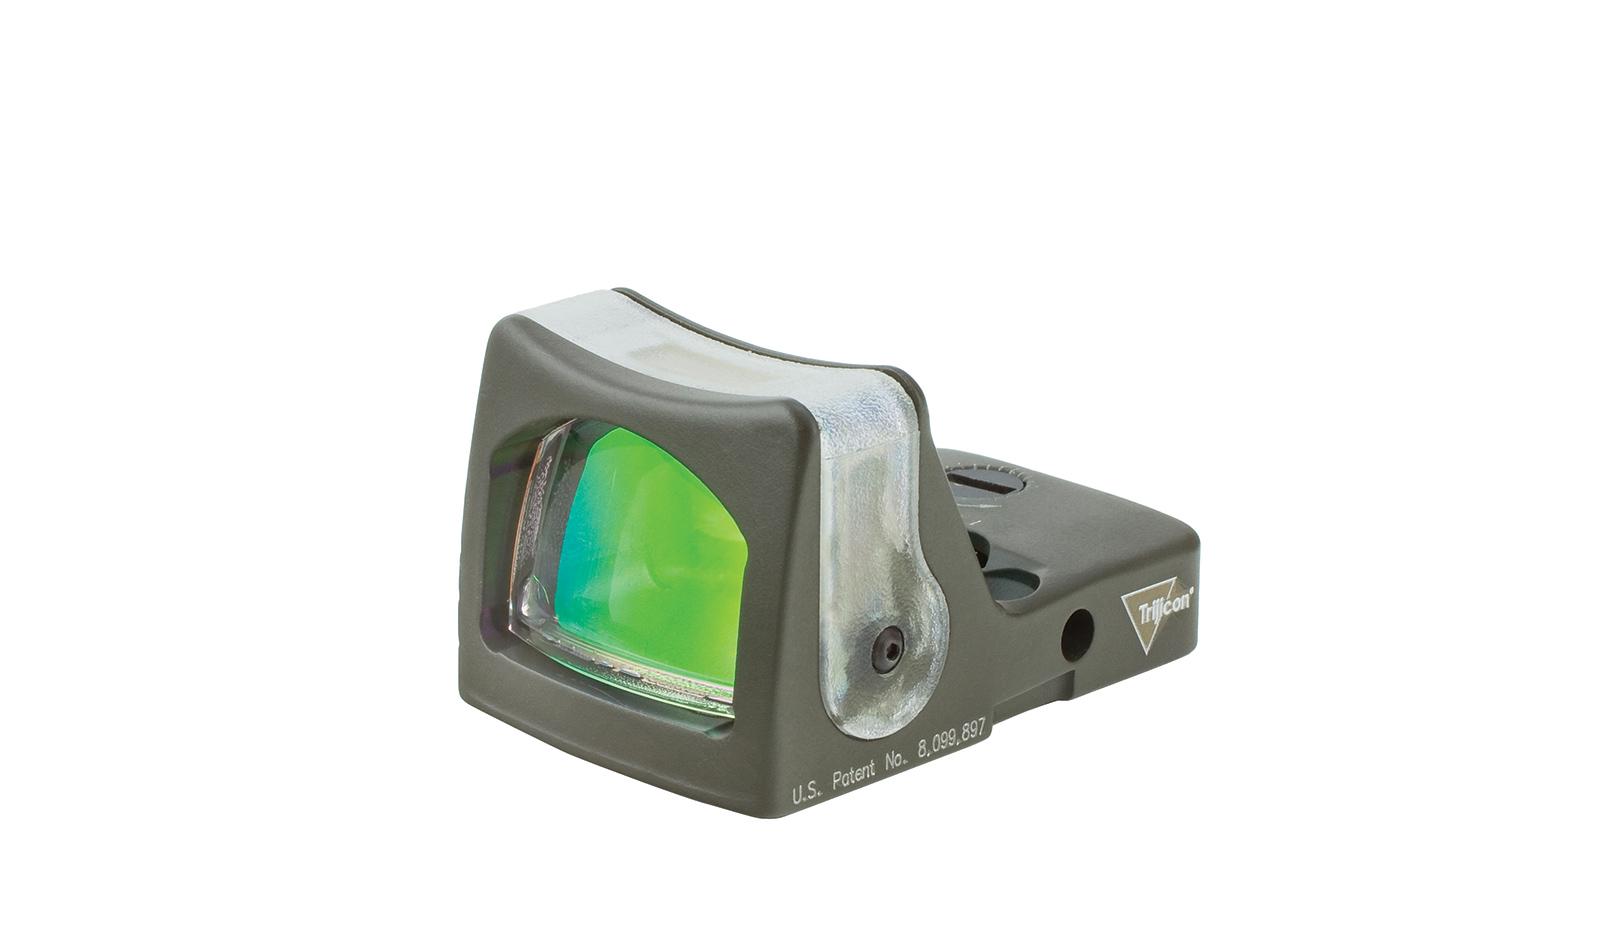 RM03-C-700143 angle 1